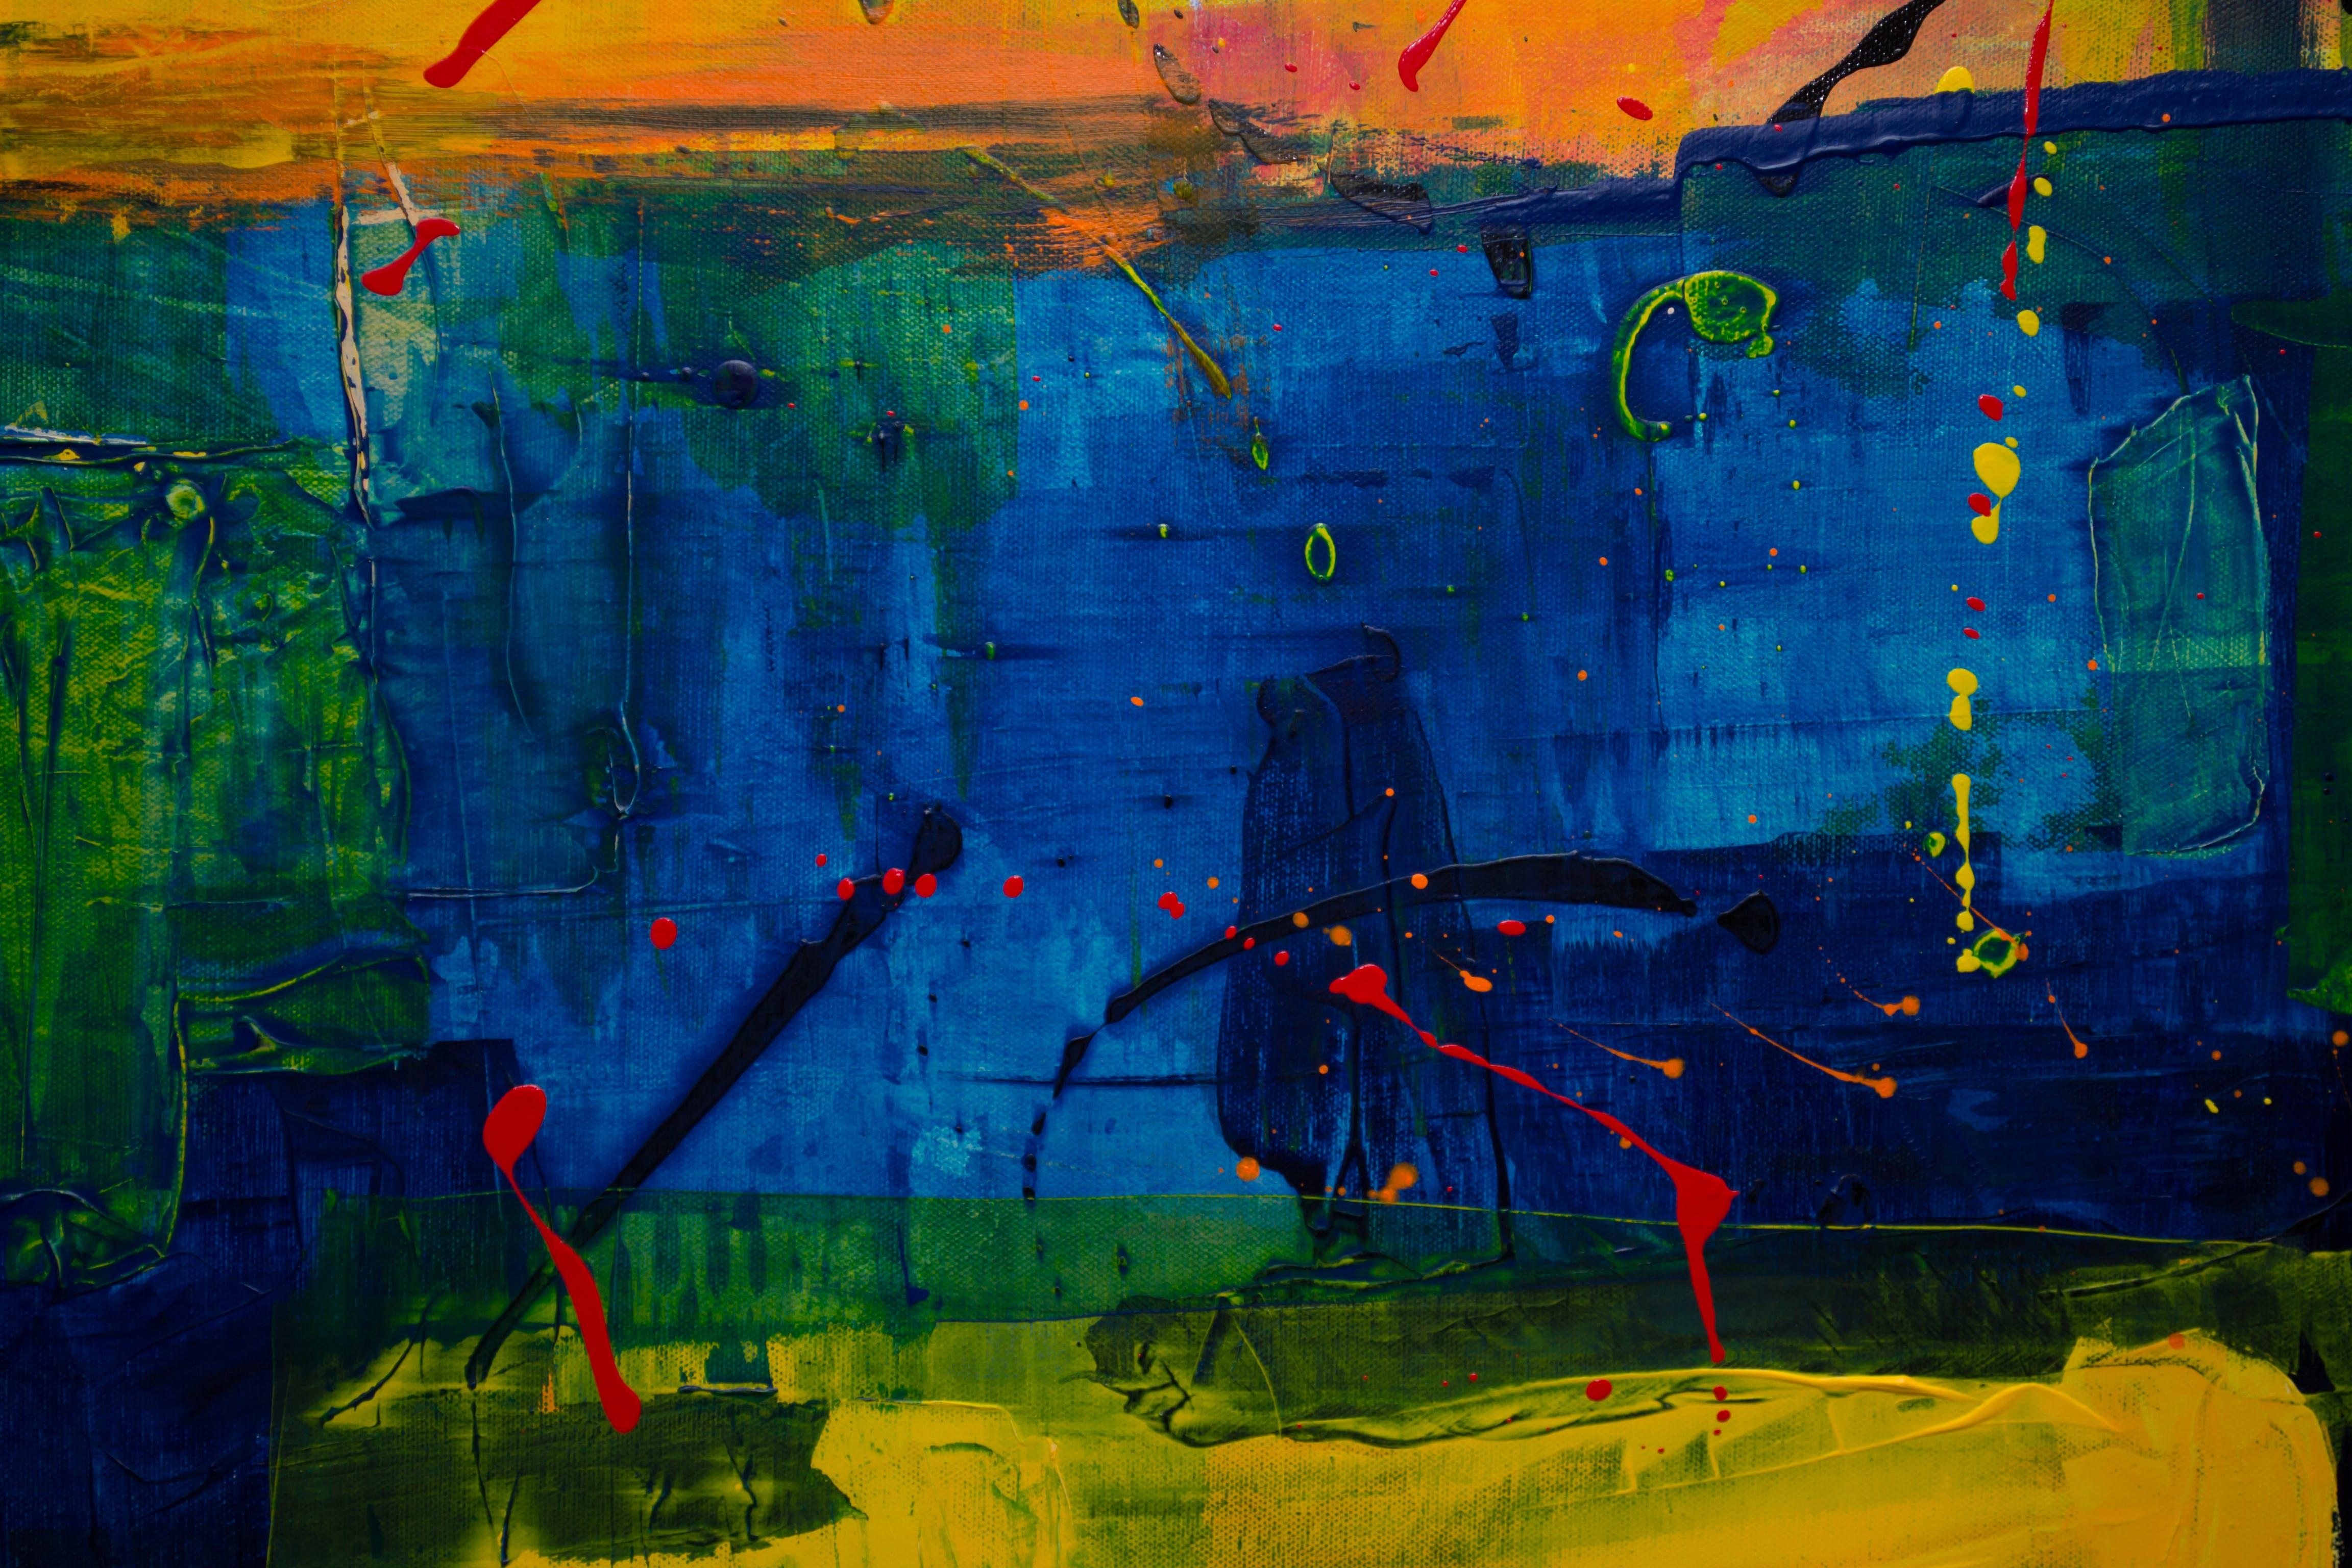 Ilmainen kuvapankkikuva tunnisteilla abstrakti maalaus, maalaus, taide, taiteellinen